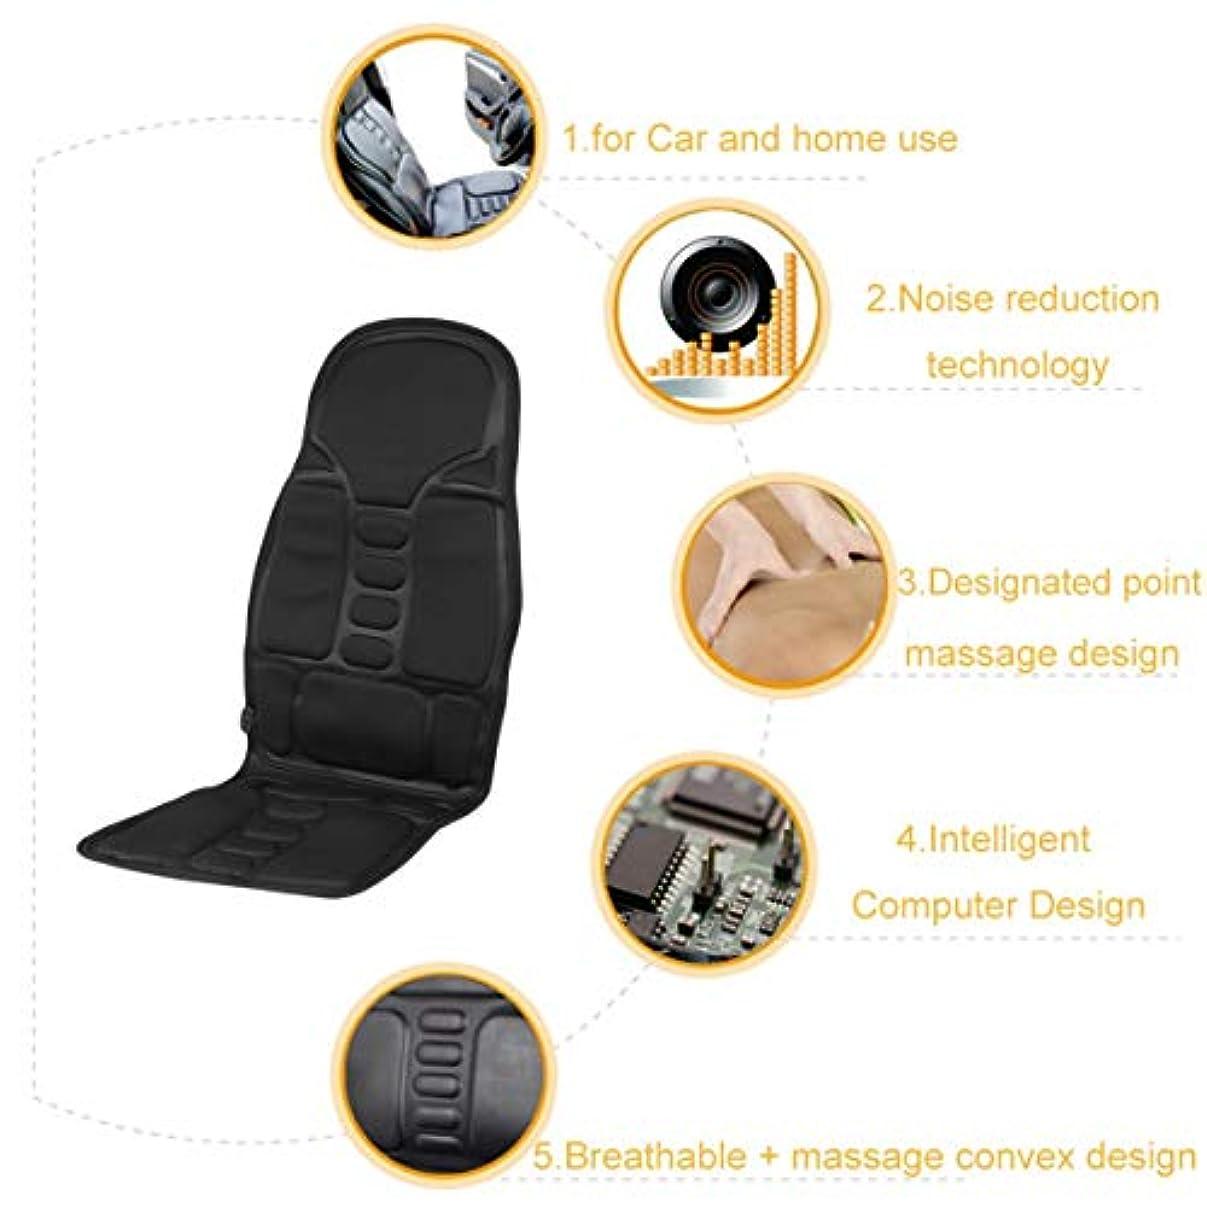 王族円形のグレードProfessional Car Household Office Full Body Massage Cushion Lumbar Heat Vibration Neck Back Massage Cushion Seat